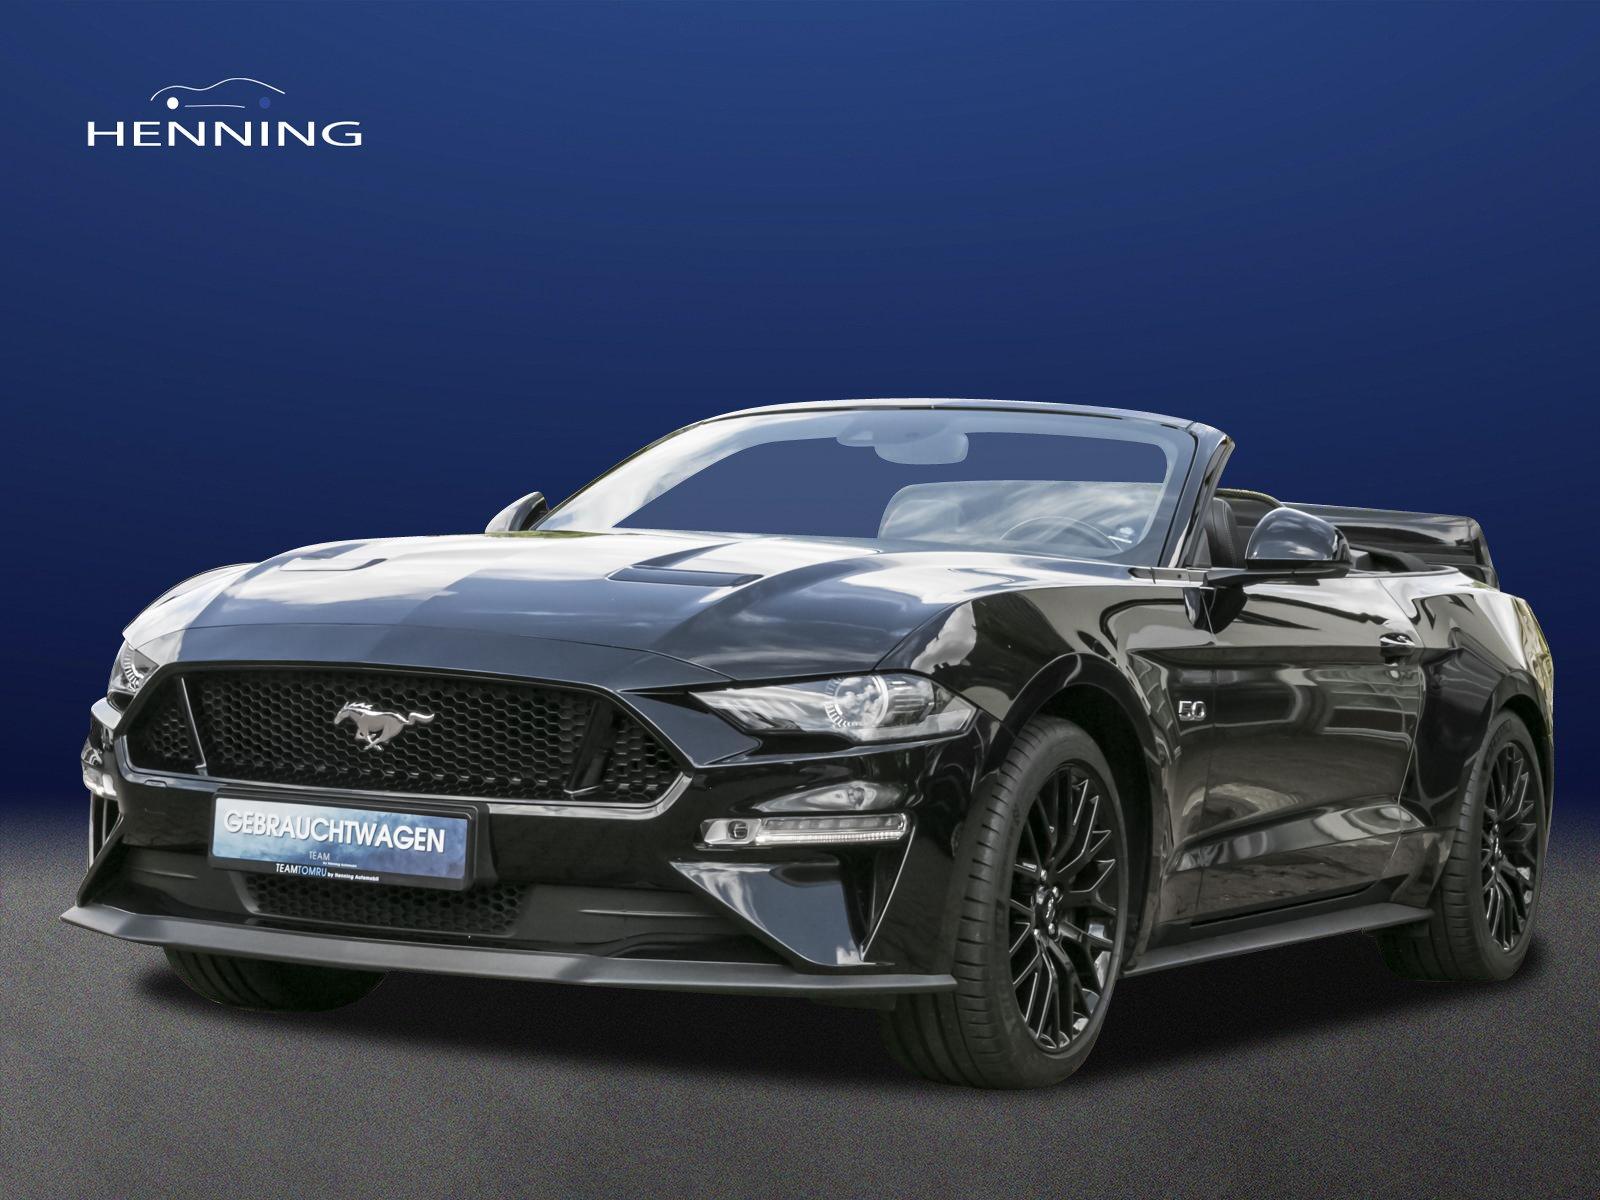 Ford Mustang 5.0 V8*DEUTSCHES FAHRZEUG*UNFALLFREI*1HD, Jahr 2019, Benzin